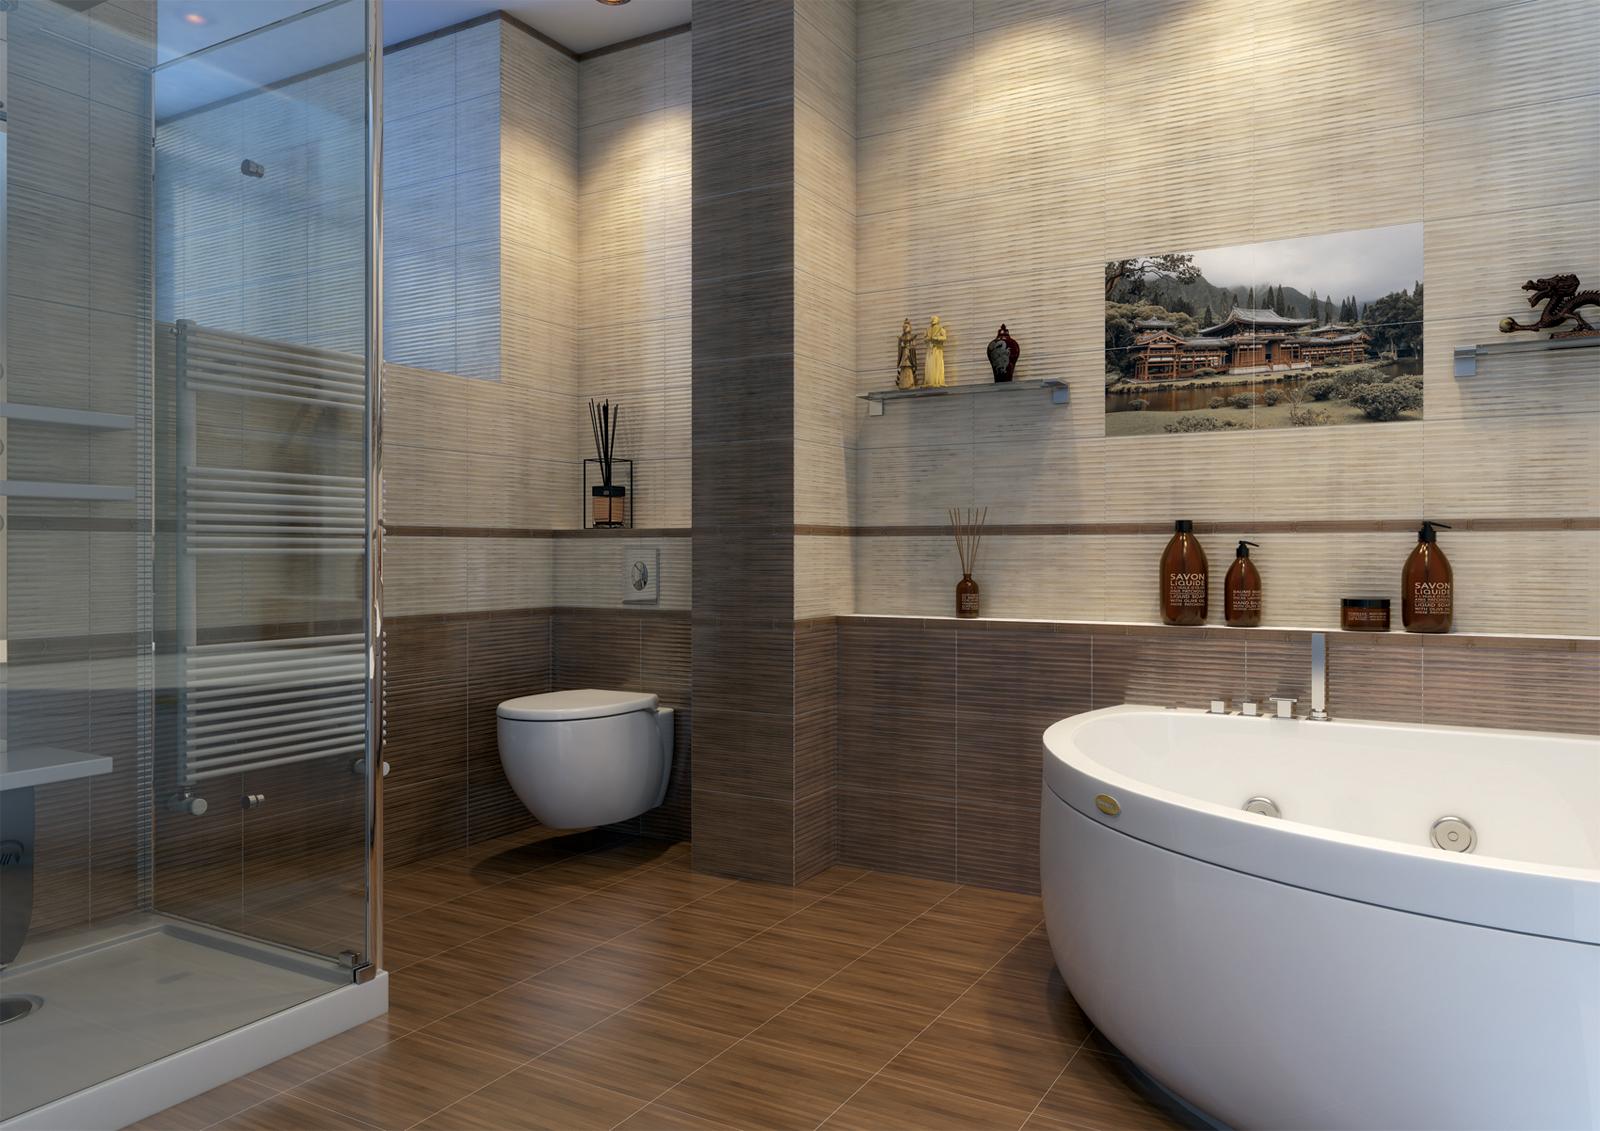 Стильная кафельная плитка для оформления ванной комнаты в восточном стиле